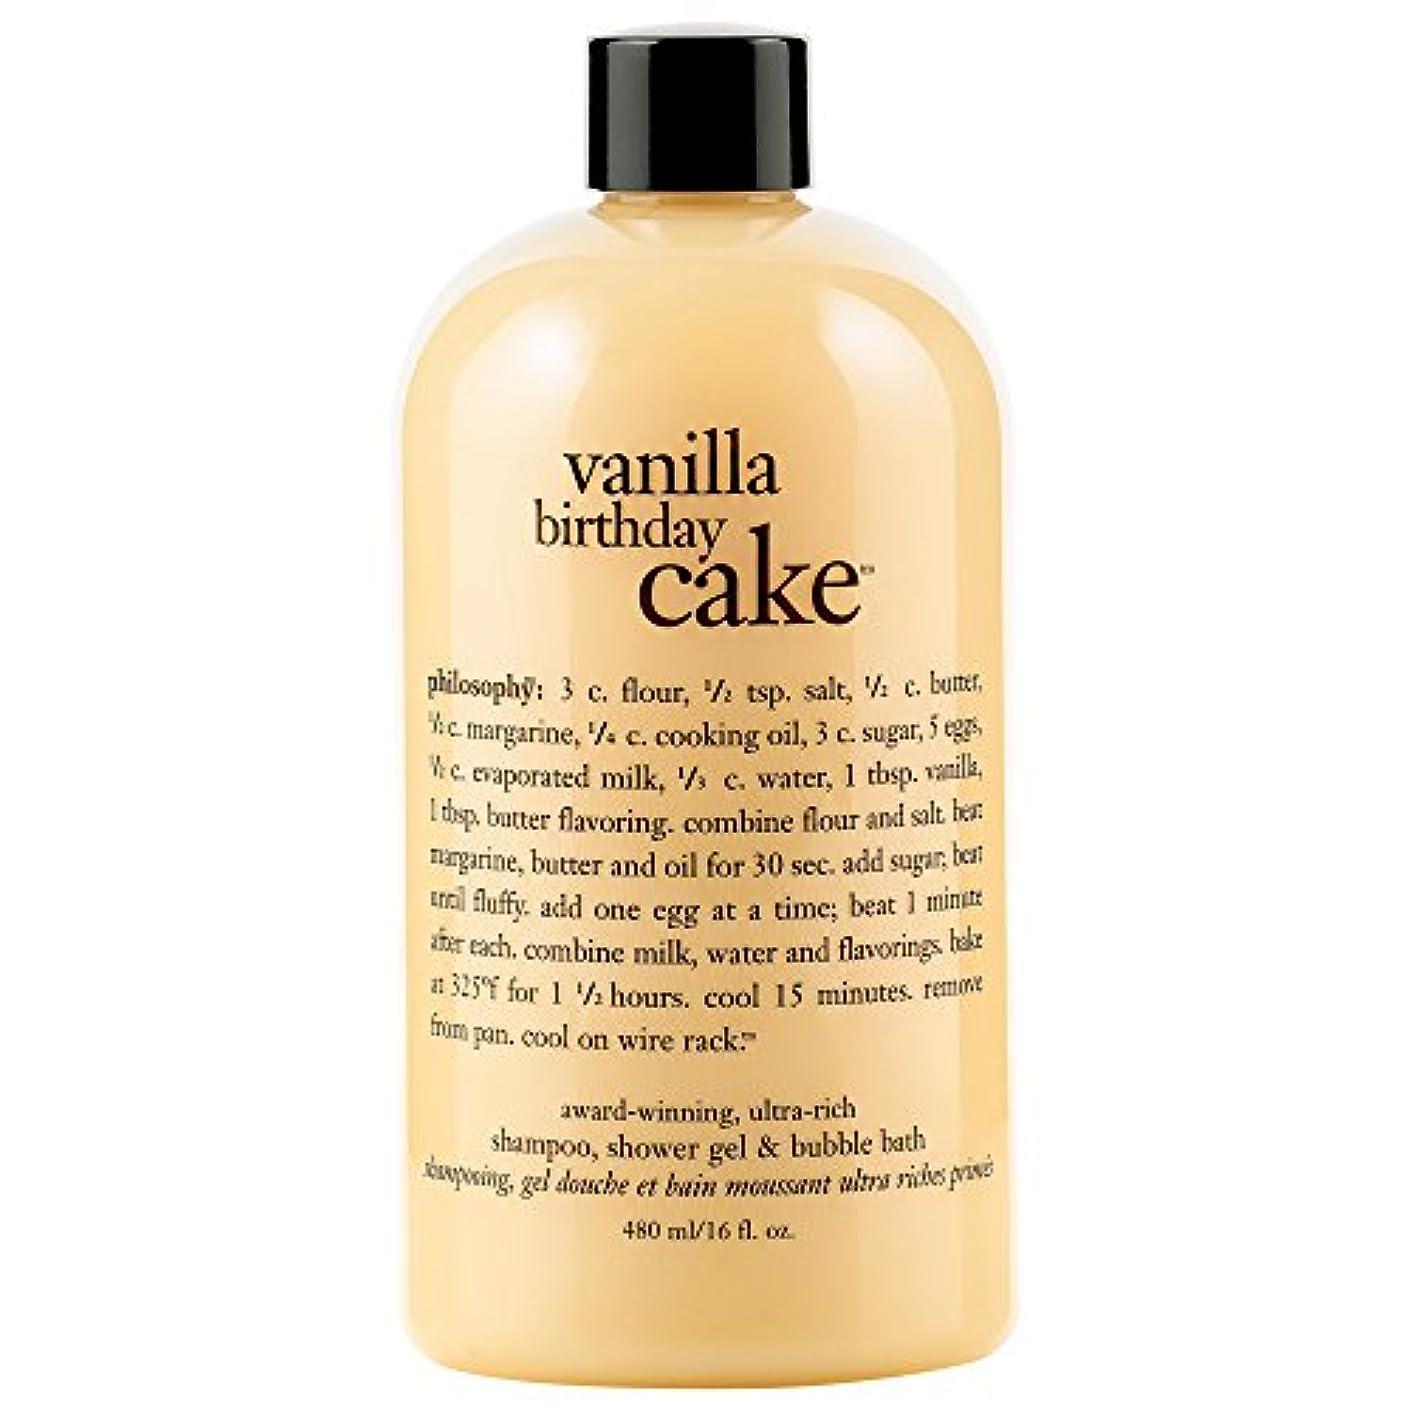 おじいちゃんコンドーム最大化する哲学バニラバースデーケーキシャンプー/シャワージェル/バブルバス480ミリリットル (Philosophy) (x2) - Philosophy Vanilla Birthday Cake Shampoo/Shower...